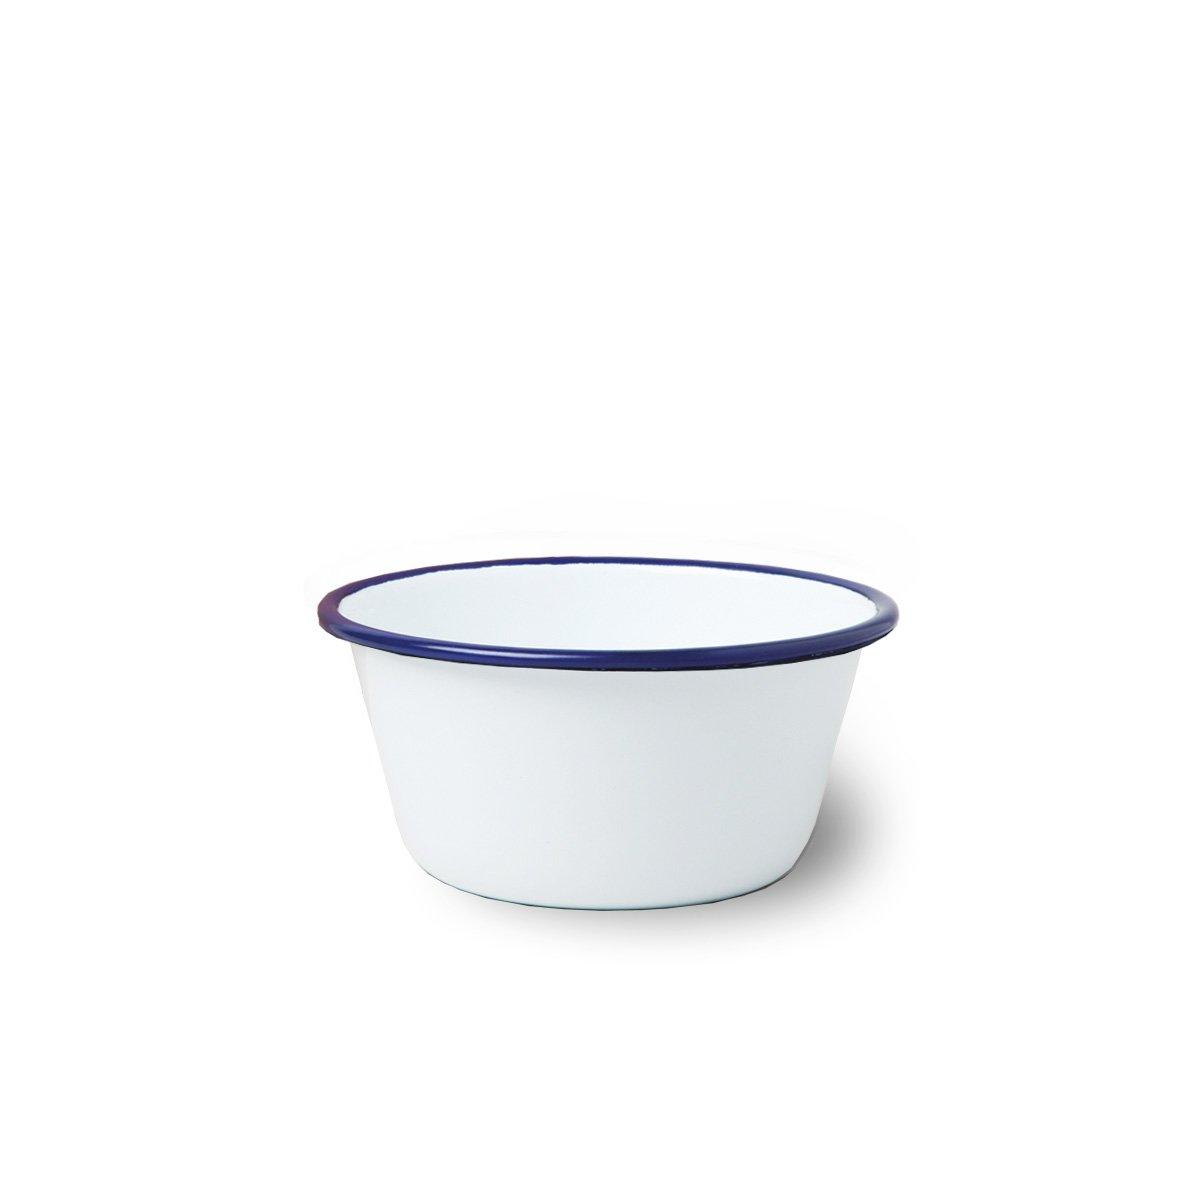 emaille sch ssel wei blau 12cm liv emaille online shop. Black Bedroom Furniture Sets. Home Design Ideas